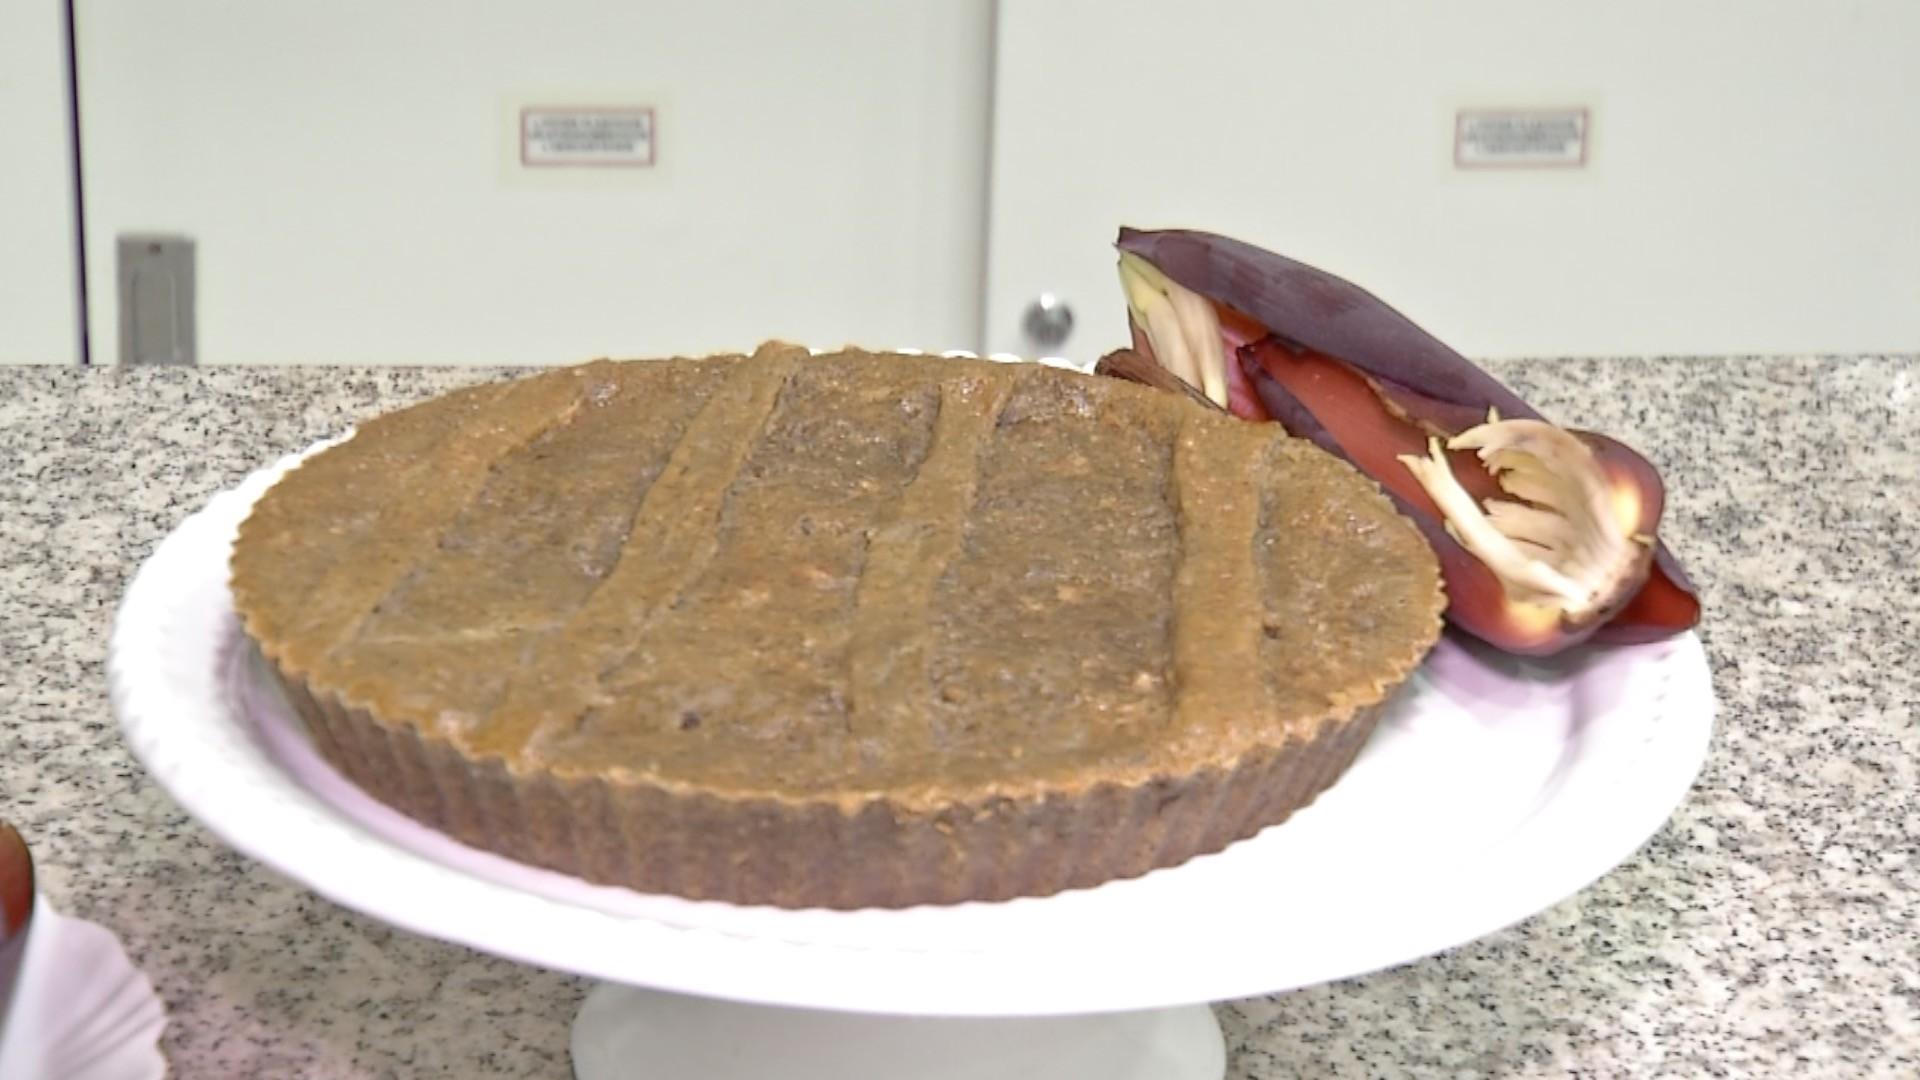 Aprenda a fazer torta salgada com coração de banana; concurso Sesi Chef está com inscrições abertas  - Noticias